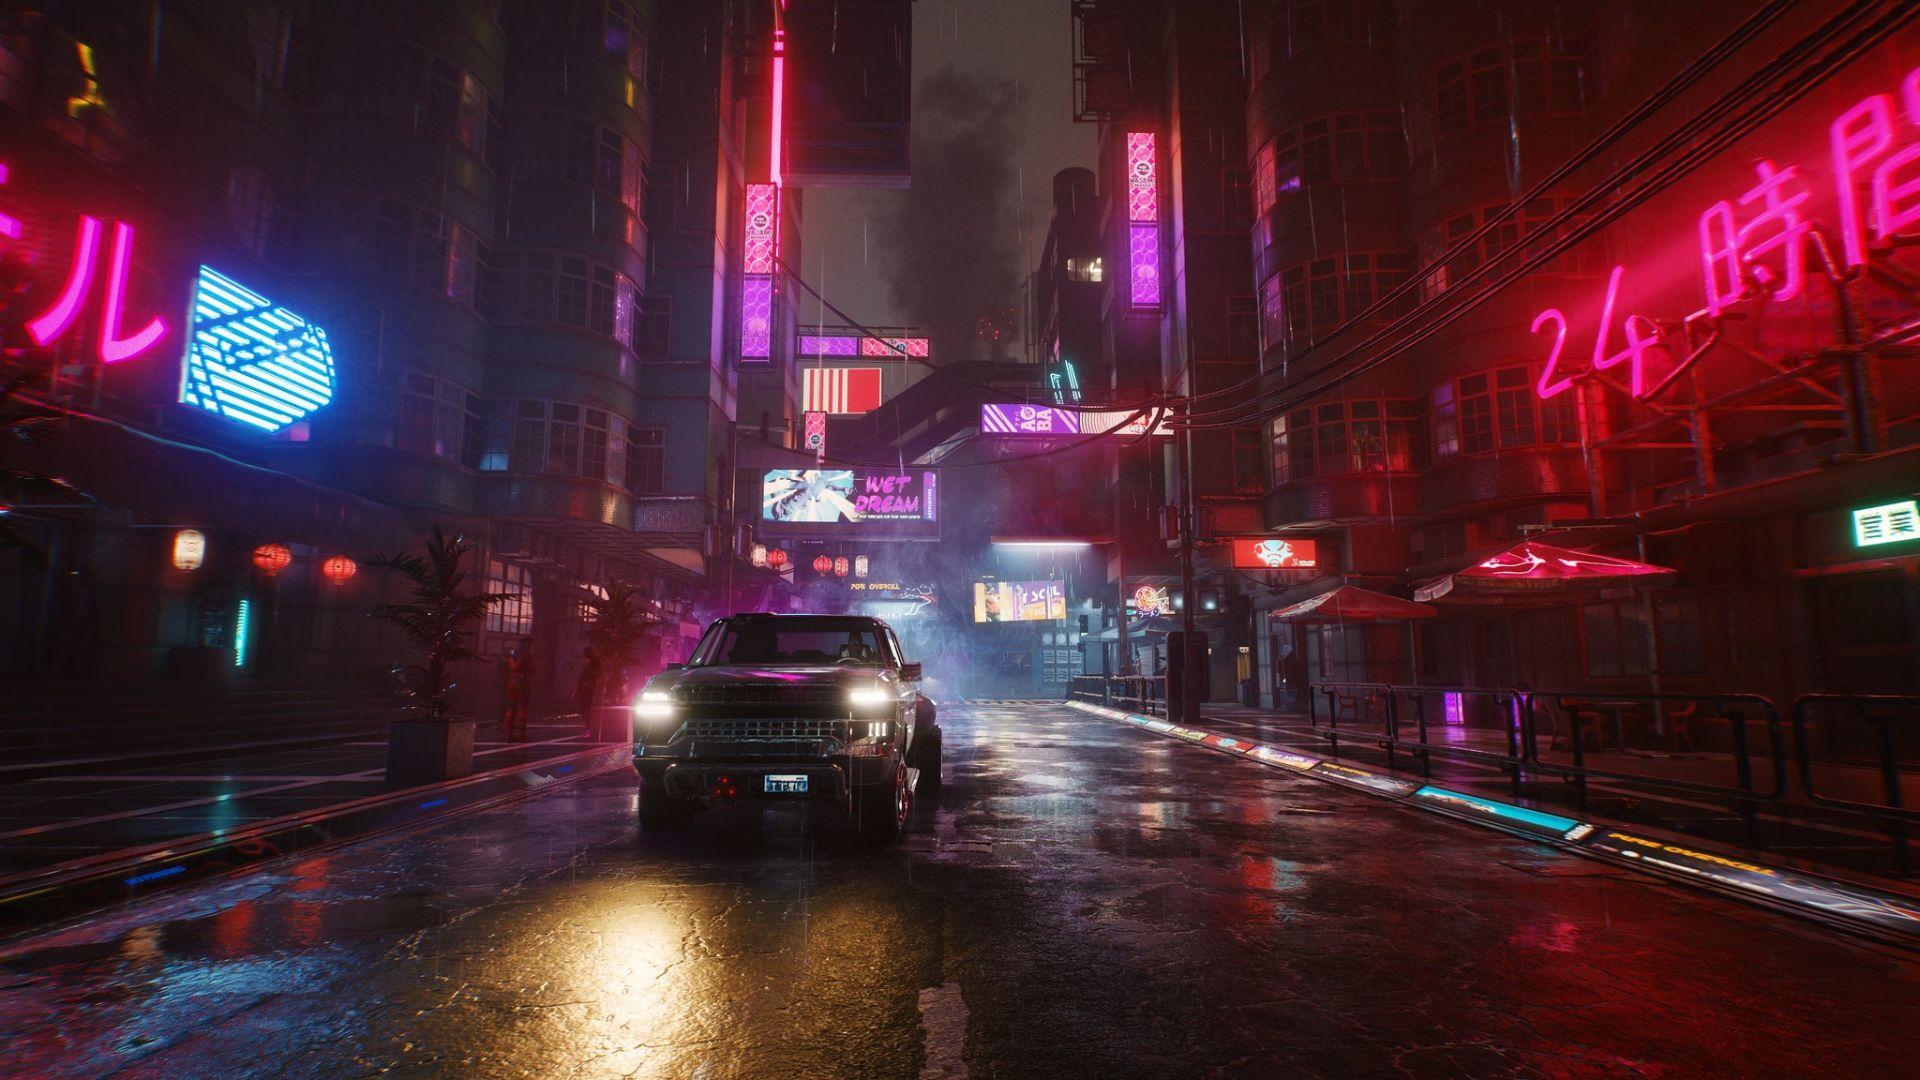 外媒评选2020年画面最好的16款游戏 《恶魔之魂》获最佳